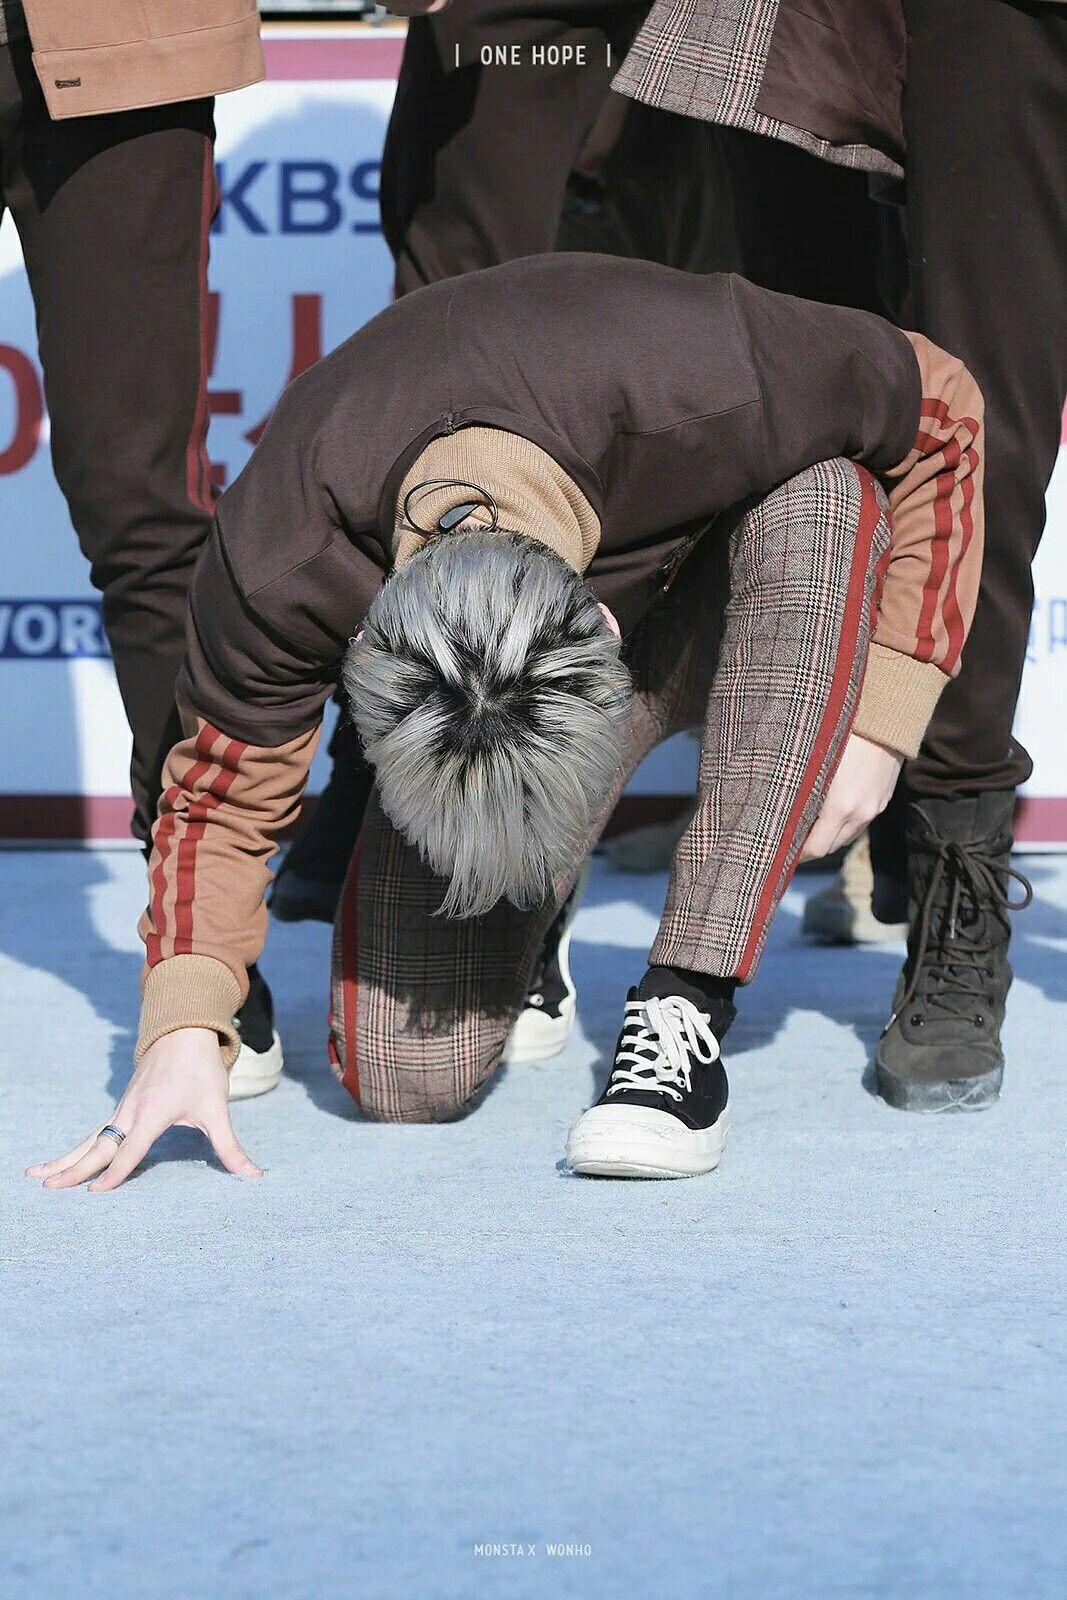 161111 #MONSTA_X #Wonho #몬스타엑스 #원호 #GUILTY #FIGHTER @OfficialMonstaX Cr. OneHope